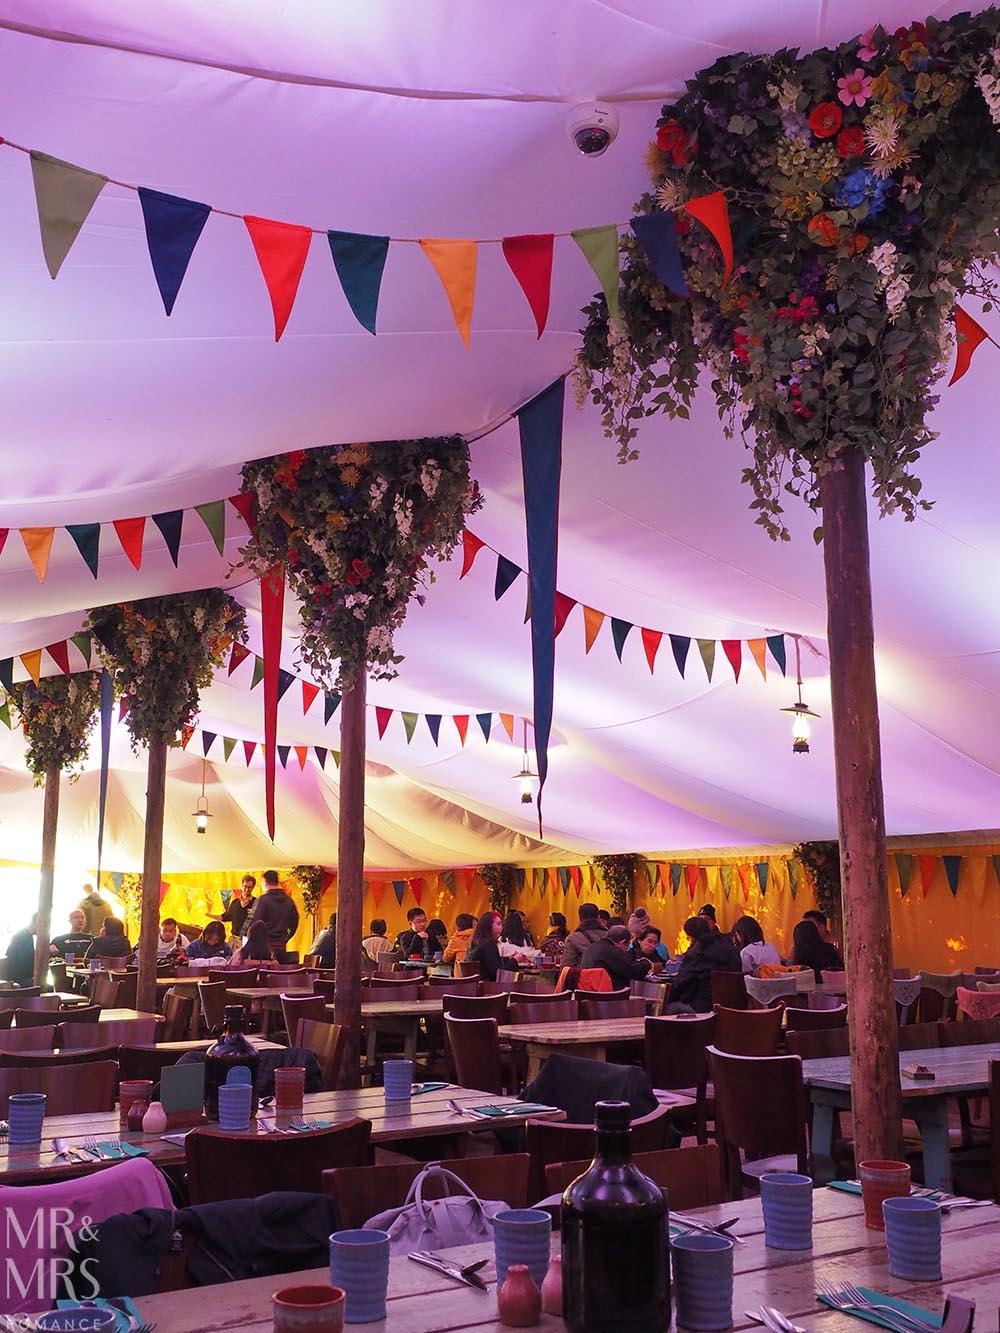 Hobbiton Movie Set, Waikato, New Zealand - the Party Tent